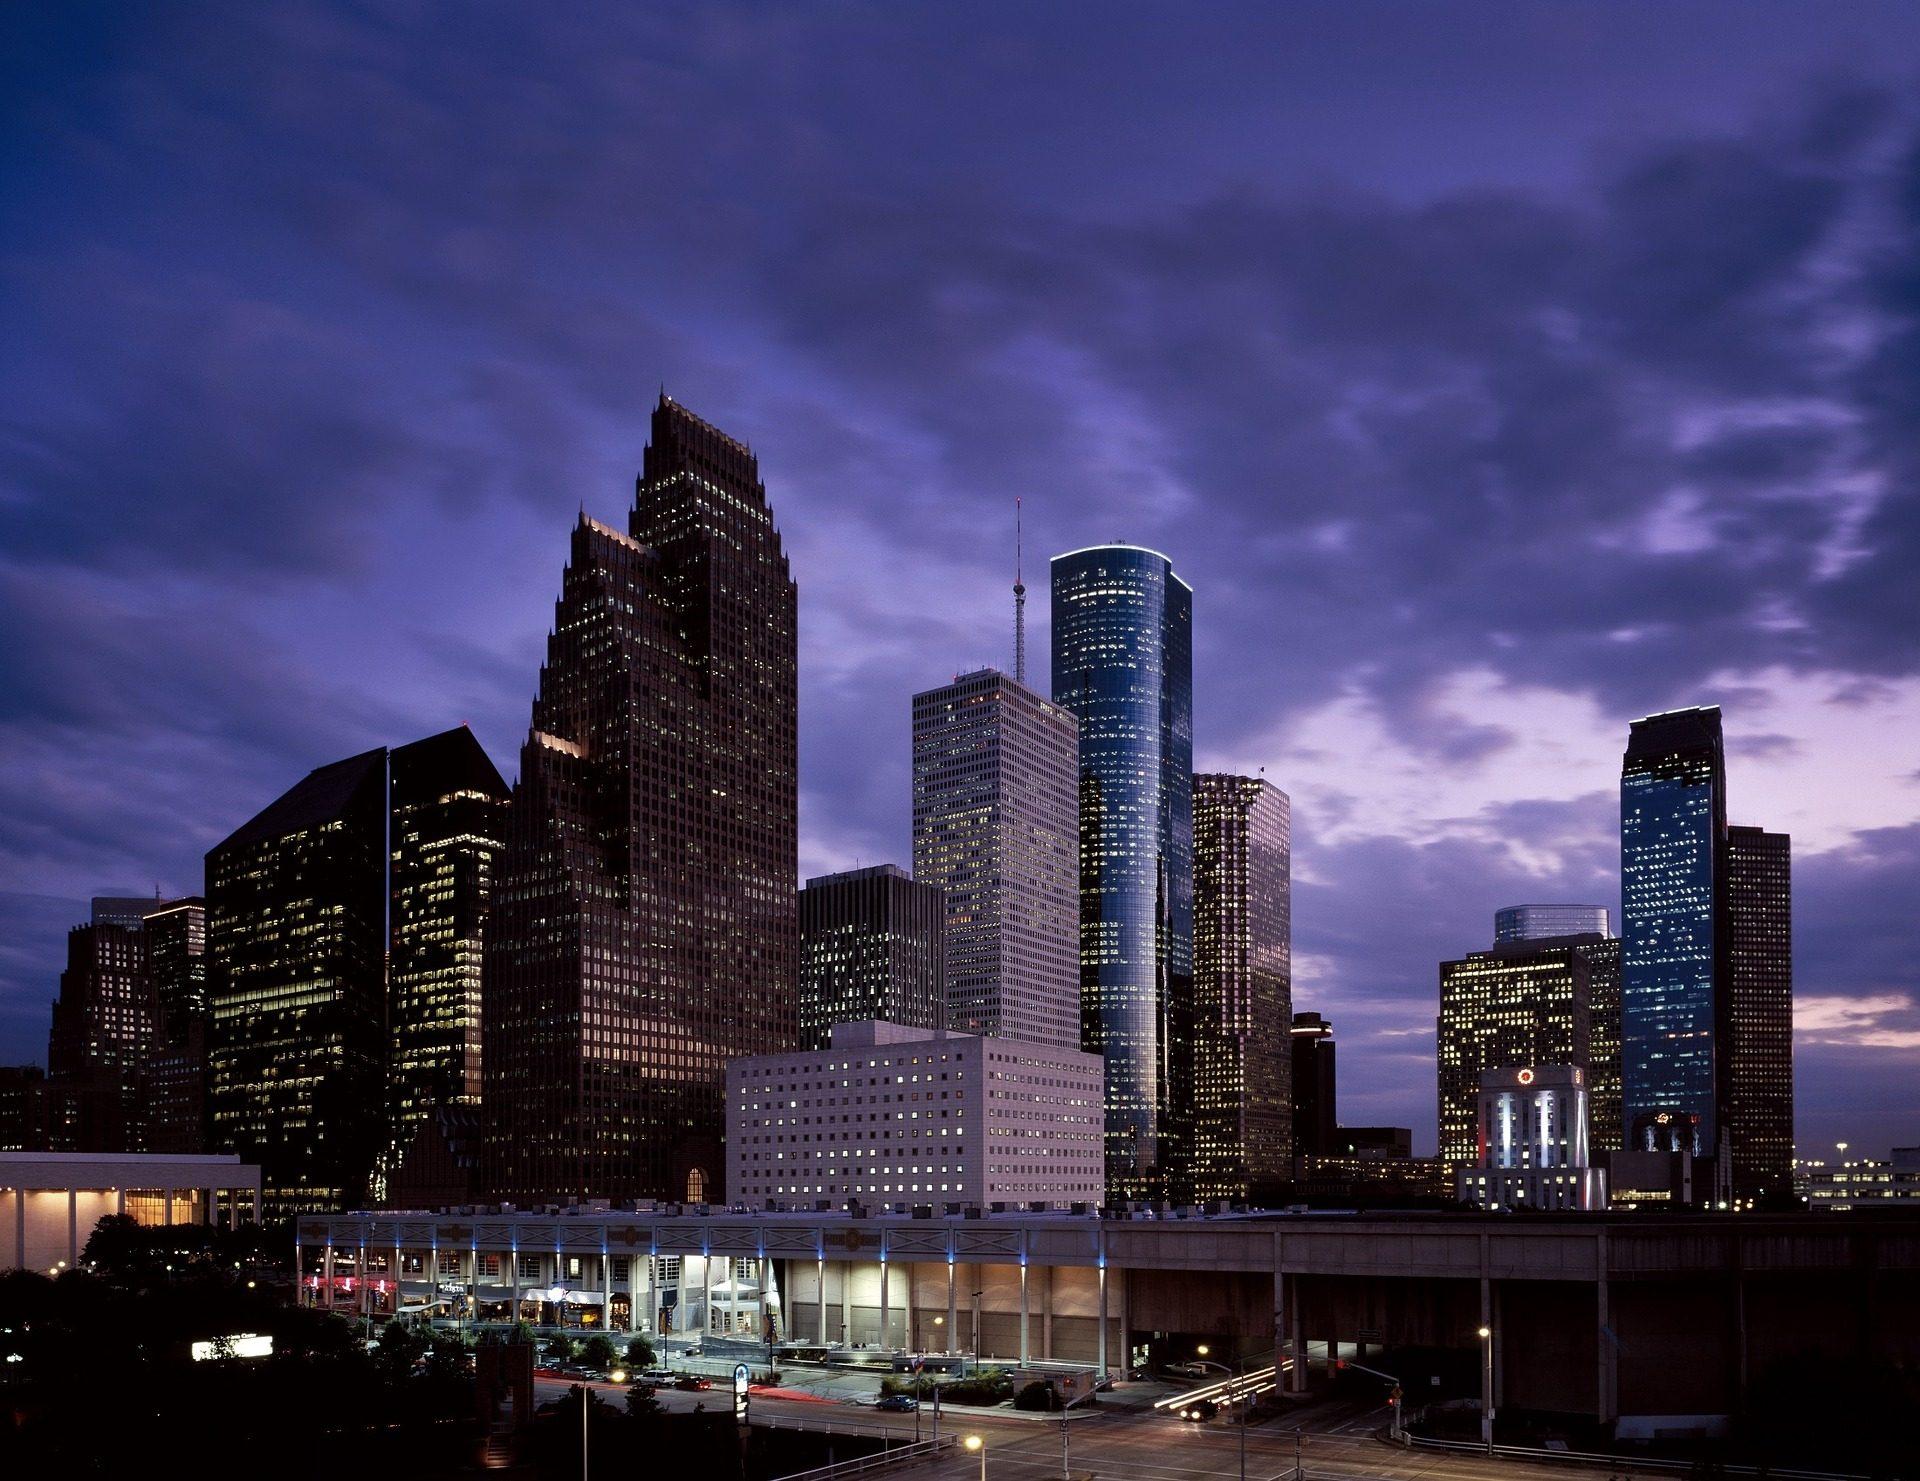 Stadt, Gebäude, Wolkenkratzer, Skyline, Nacht, Lichter - Wallpaper HD - Prof.-falken.com